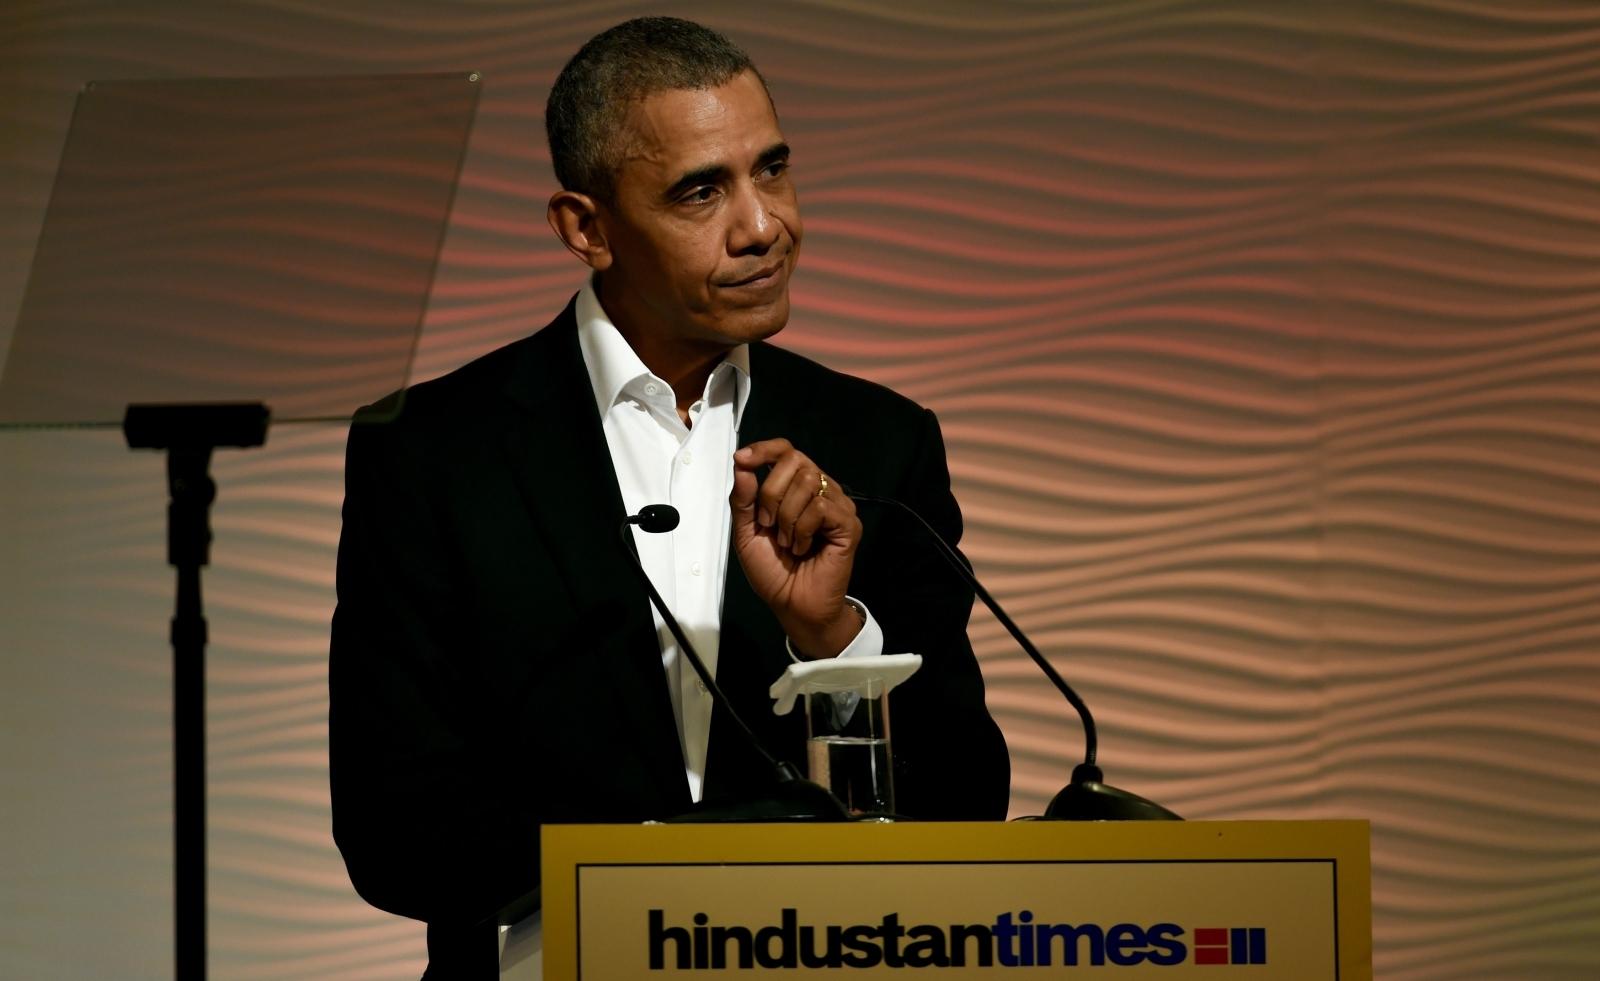 Former President Barack Obama in India